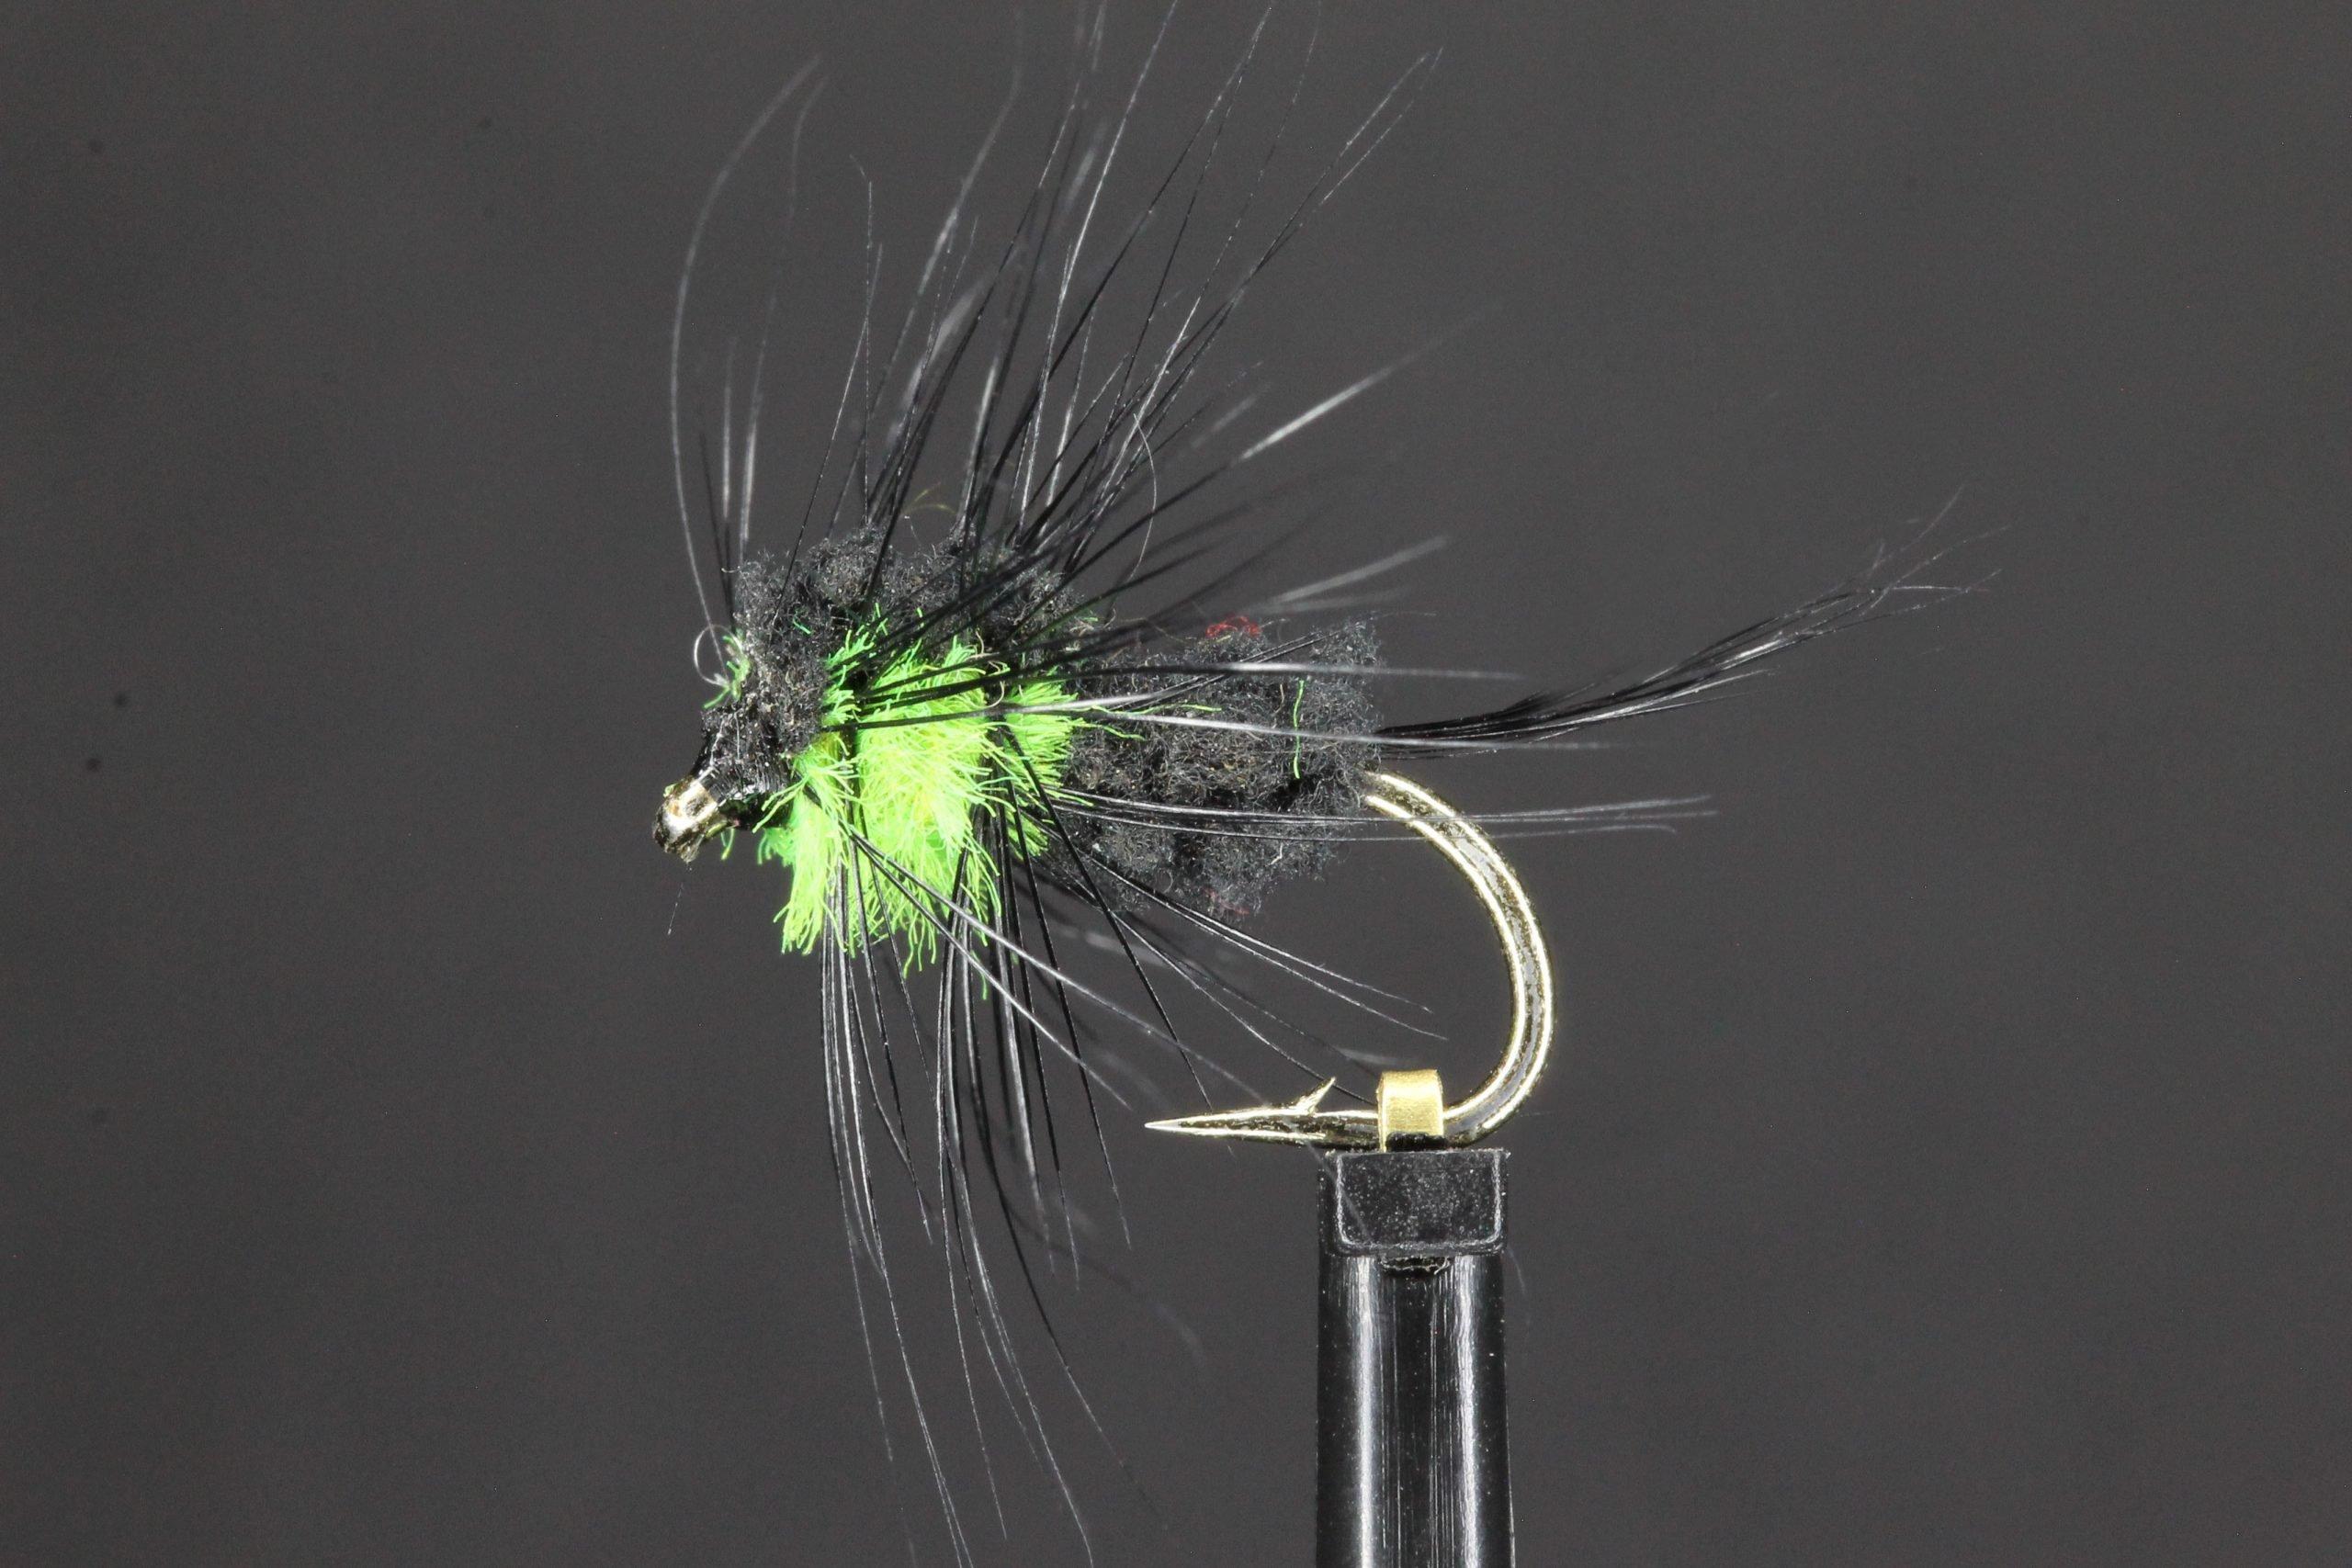 Short Shank Green Montana